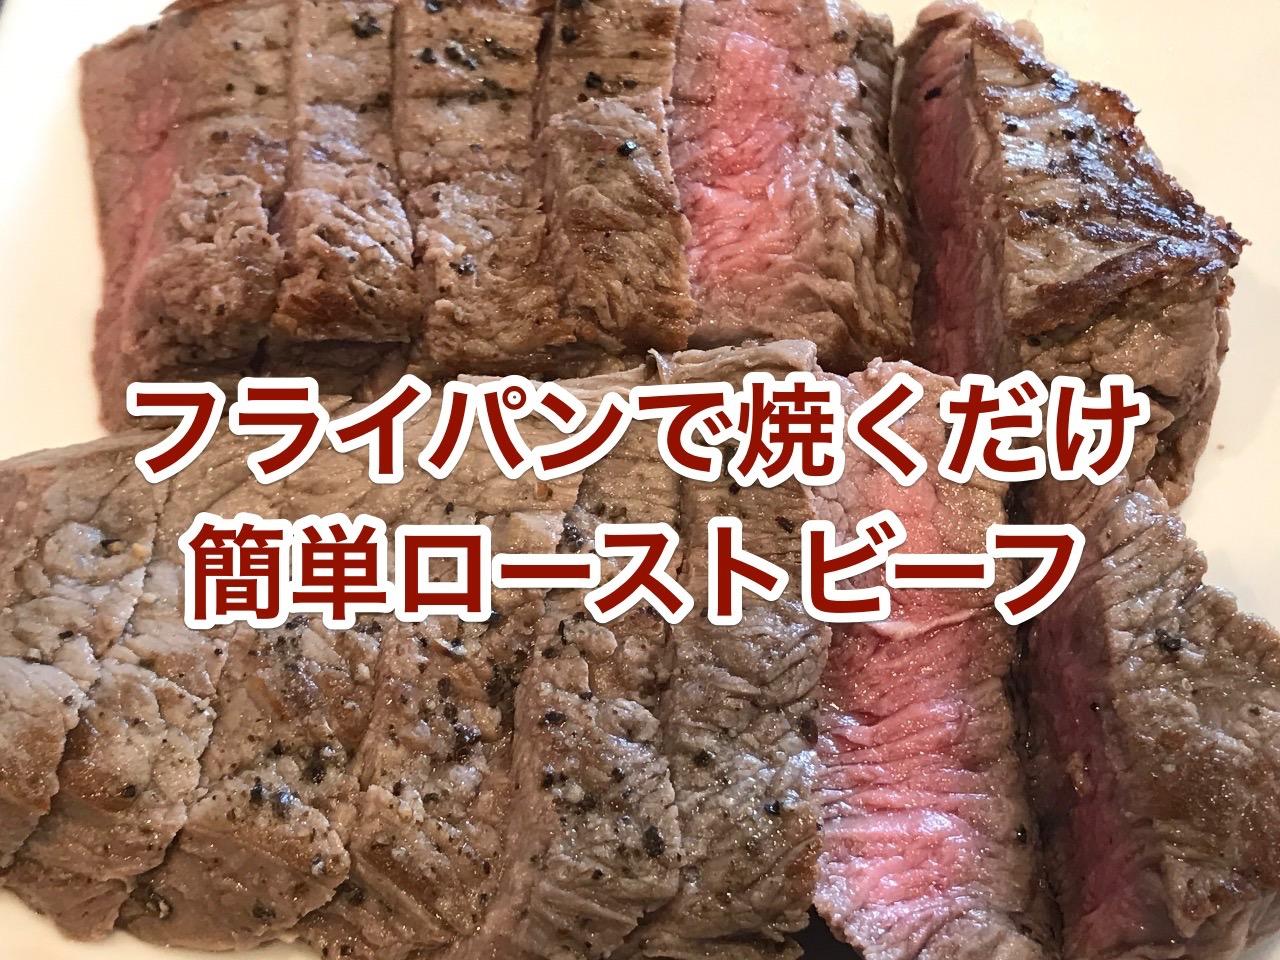 フライパンで焼くだけローストビーフ レシピ